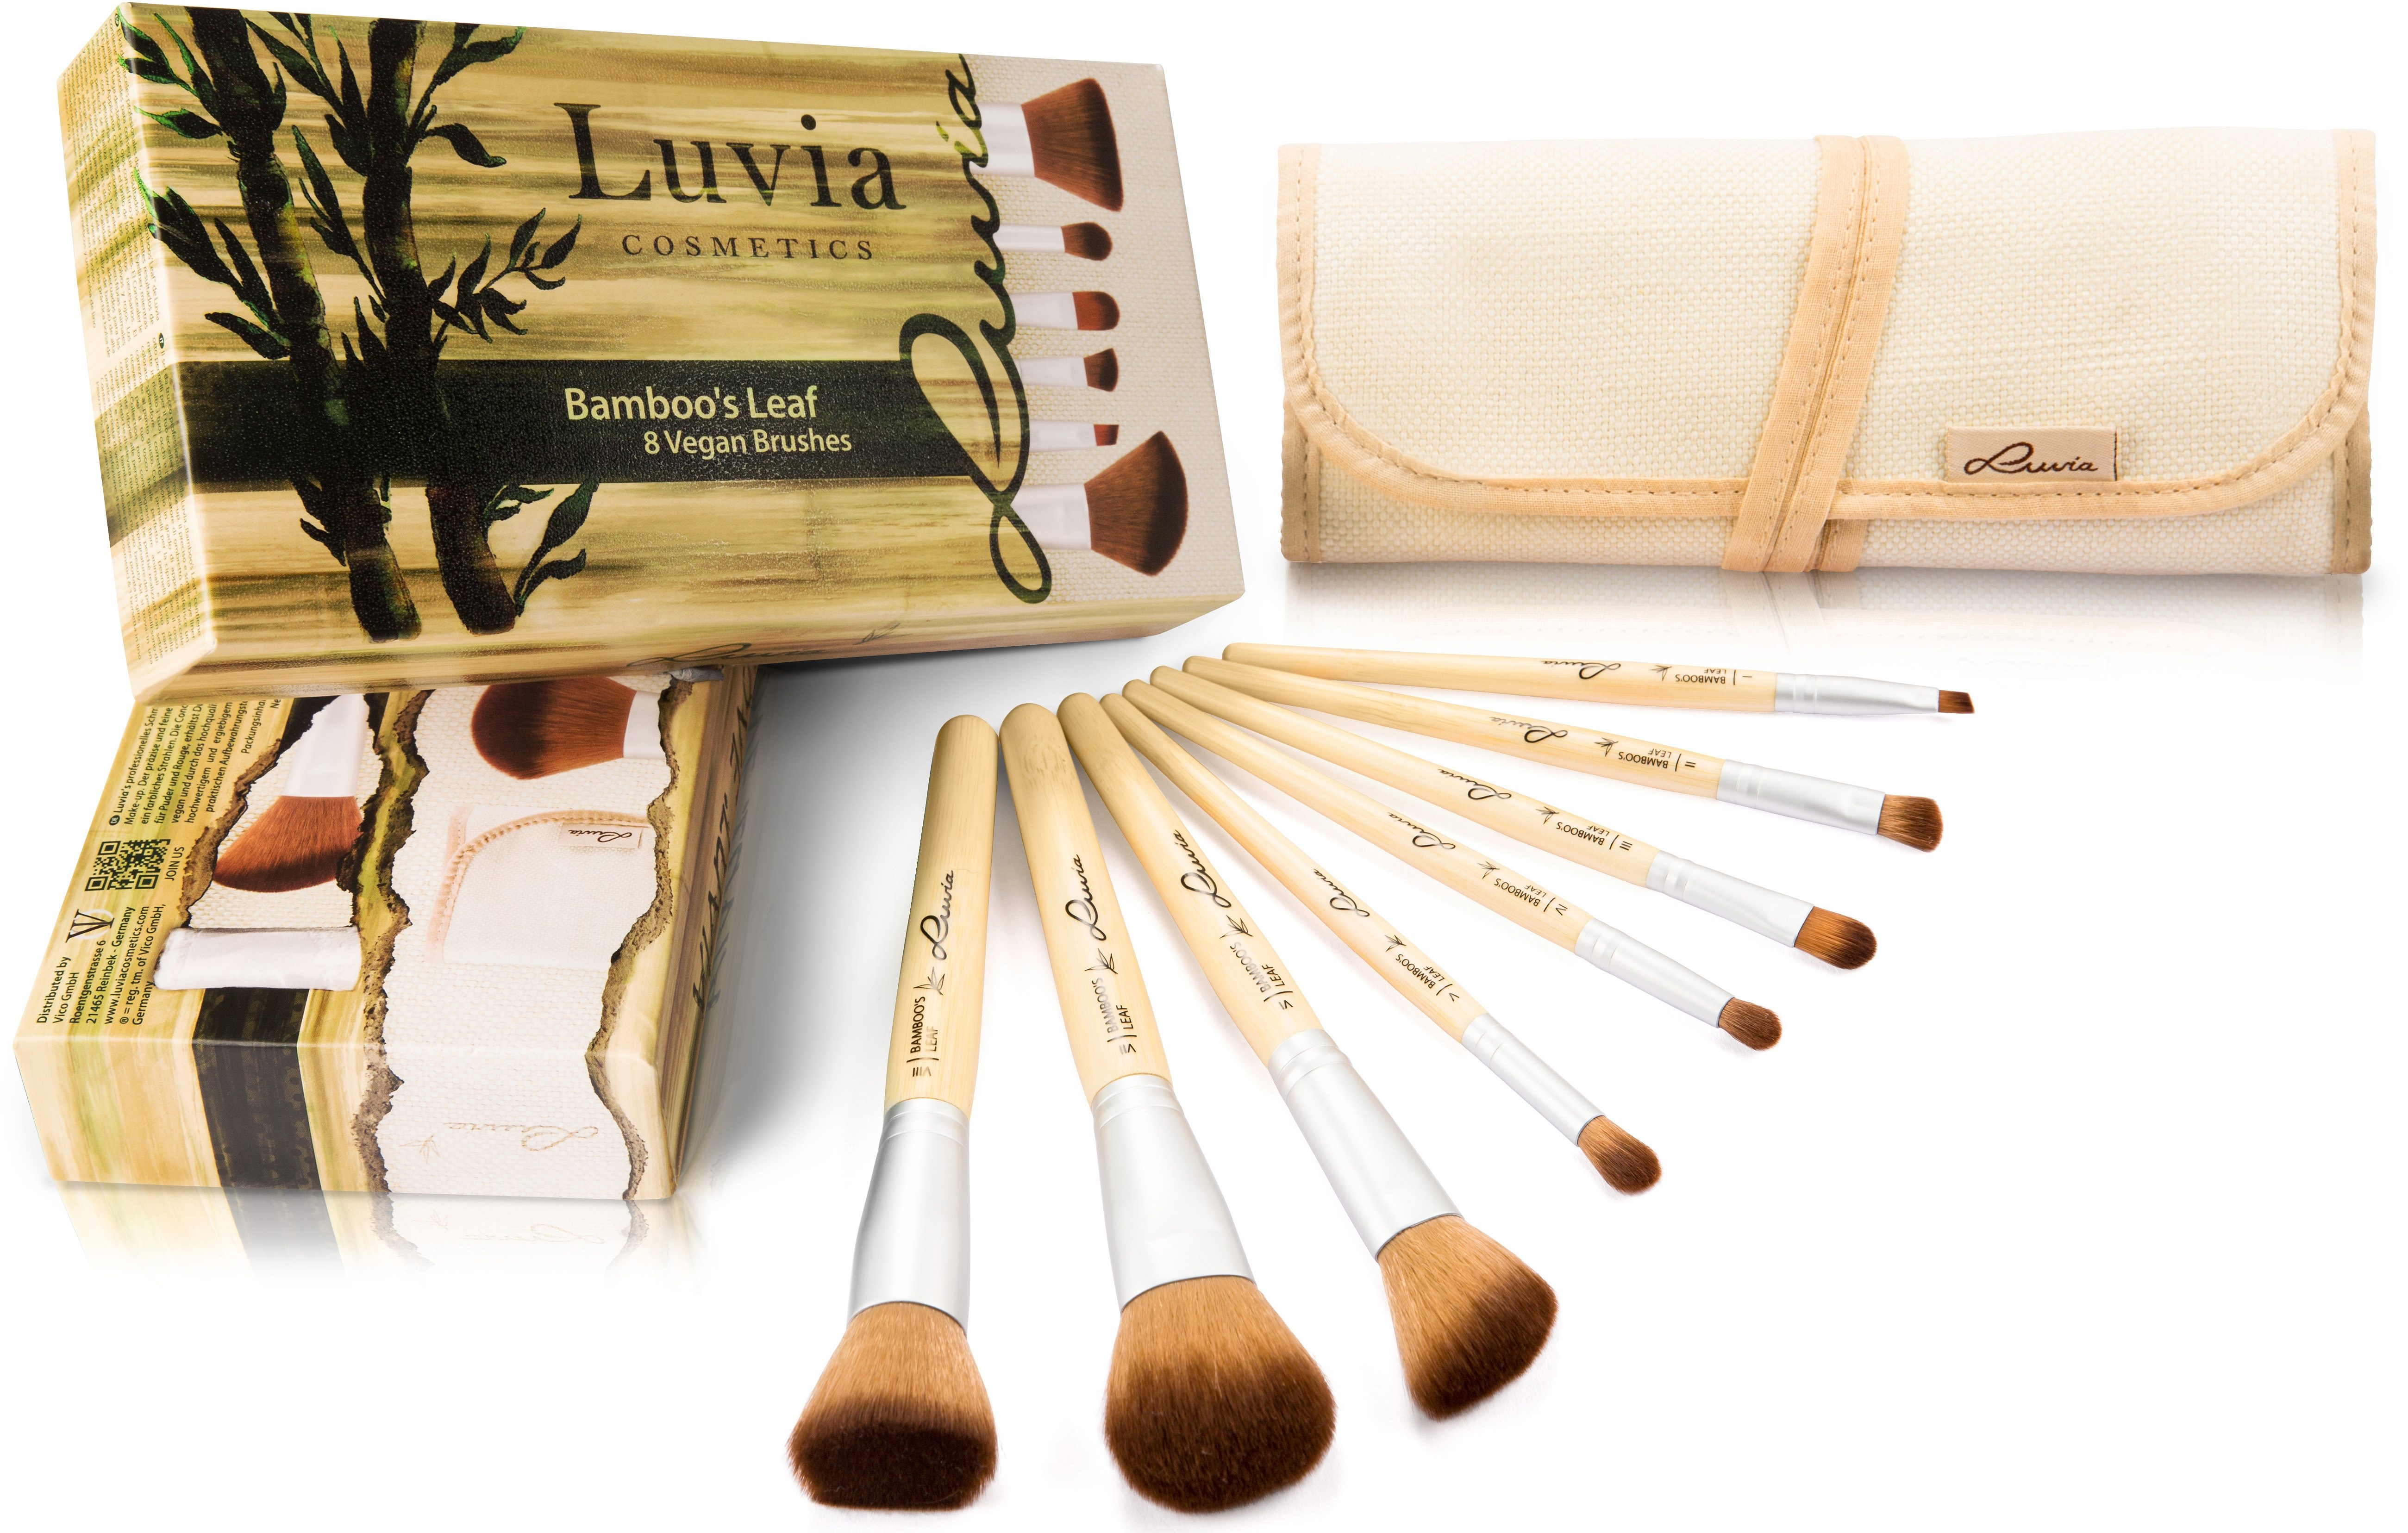 Luvia Cosmetics, »Bamboo's Leaf«, Veganes Kosmetikpinsel-Set mit 8 Pinseln und Aufbewahrungstasche